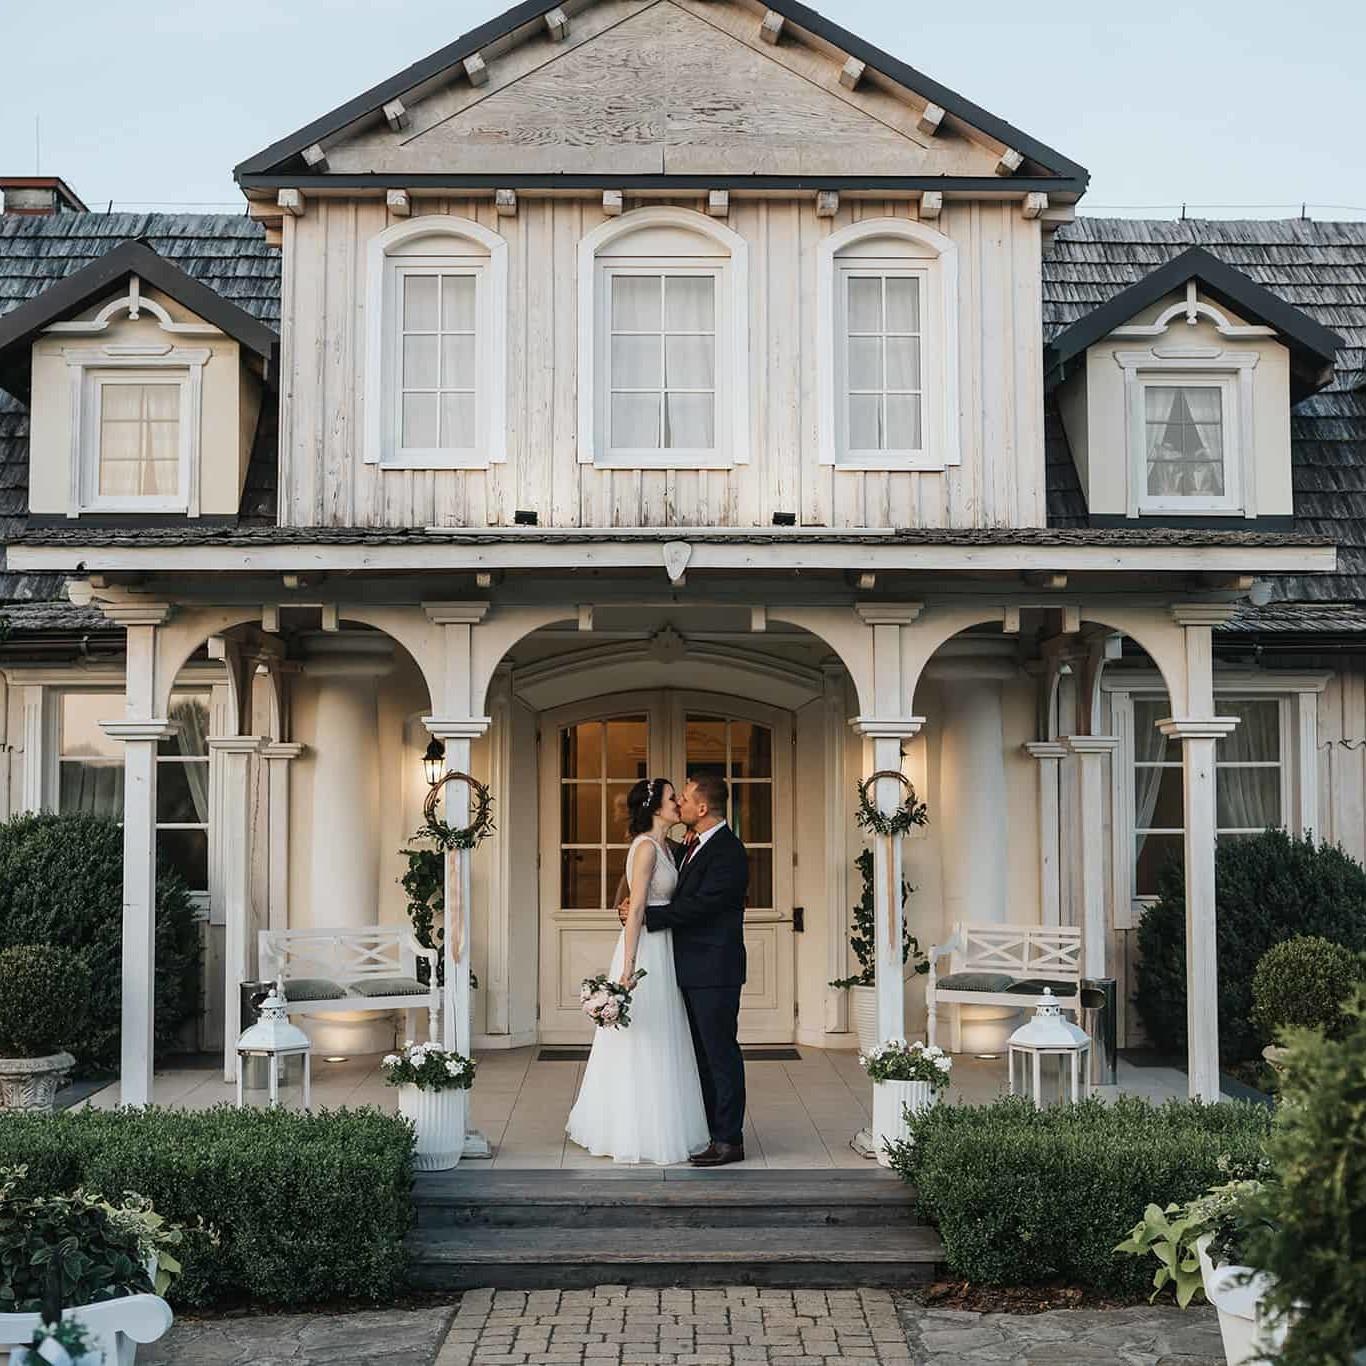 rustykalne wesele w dworku na wodoktach, dworek wodokty przyjecie weselne